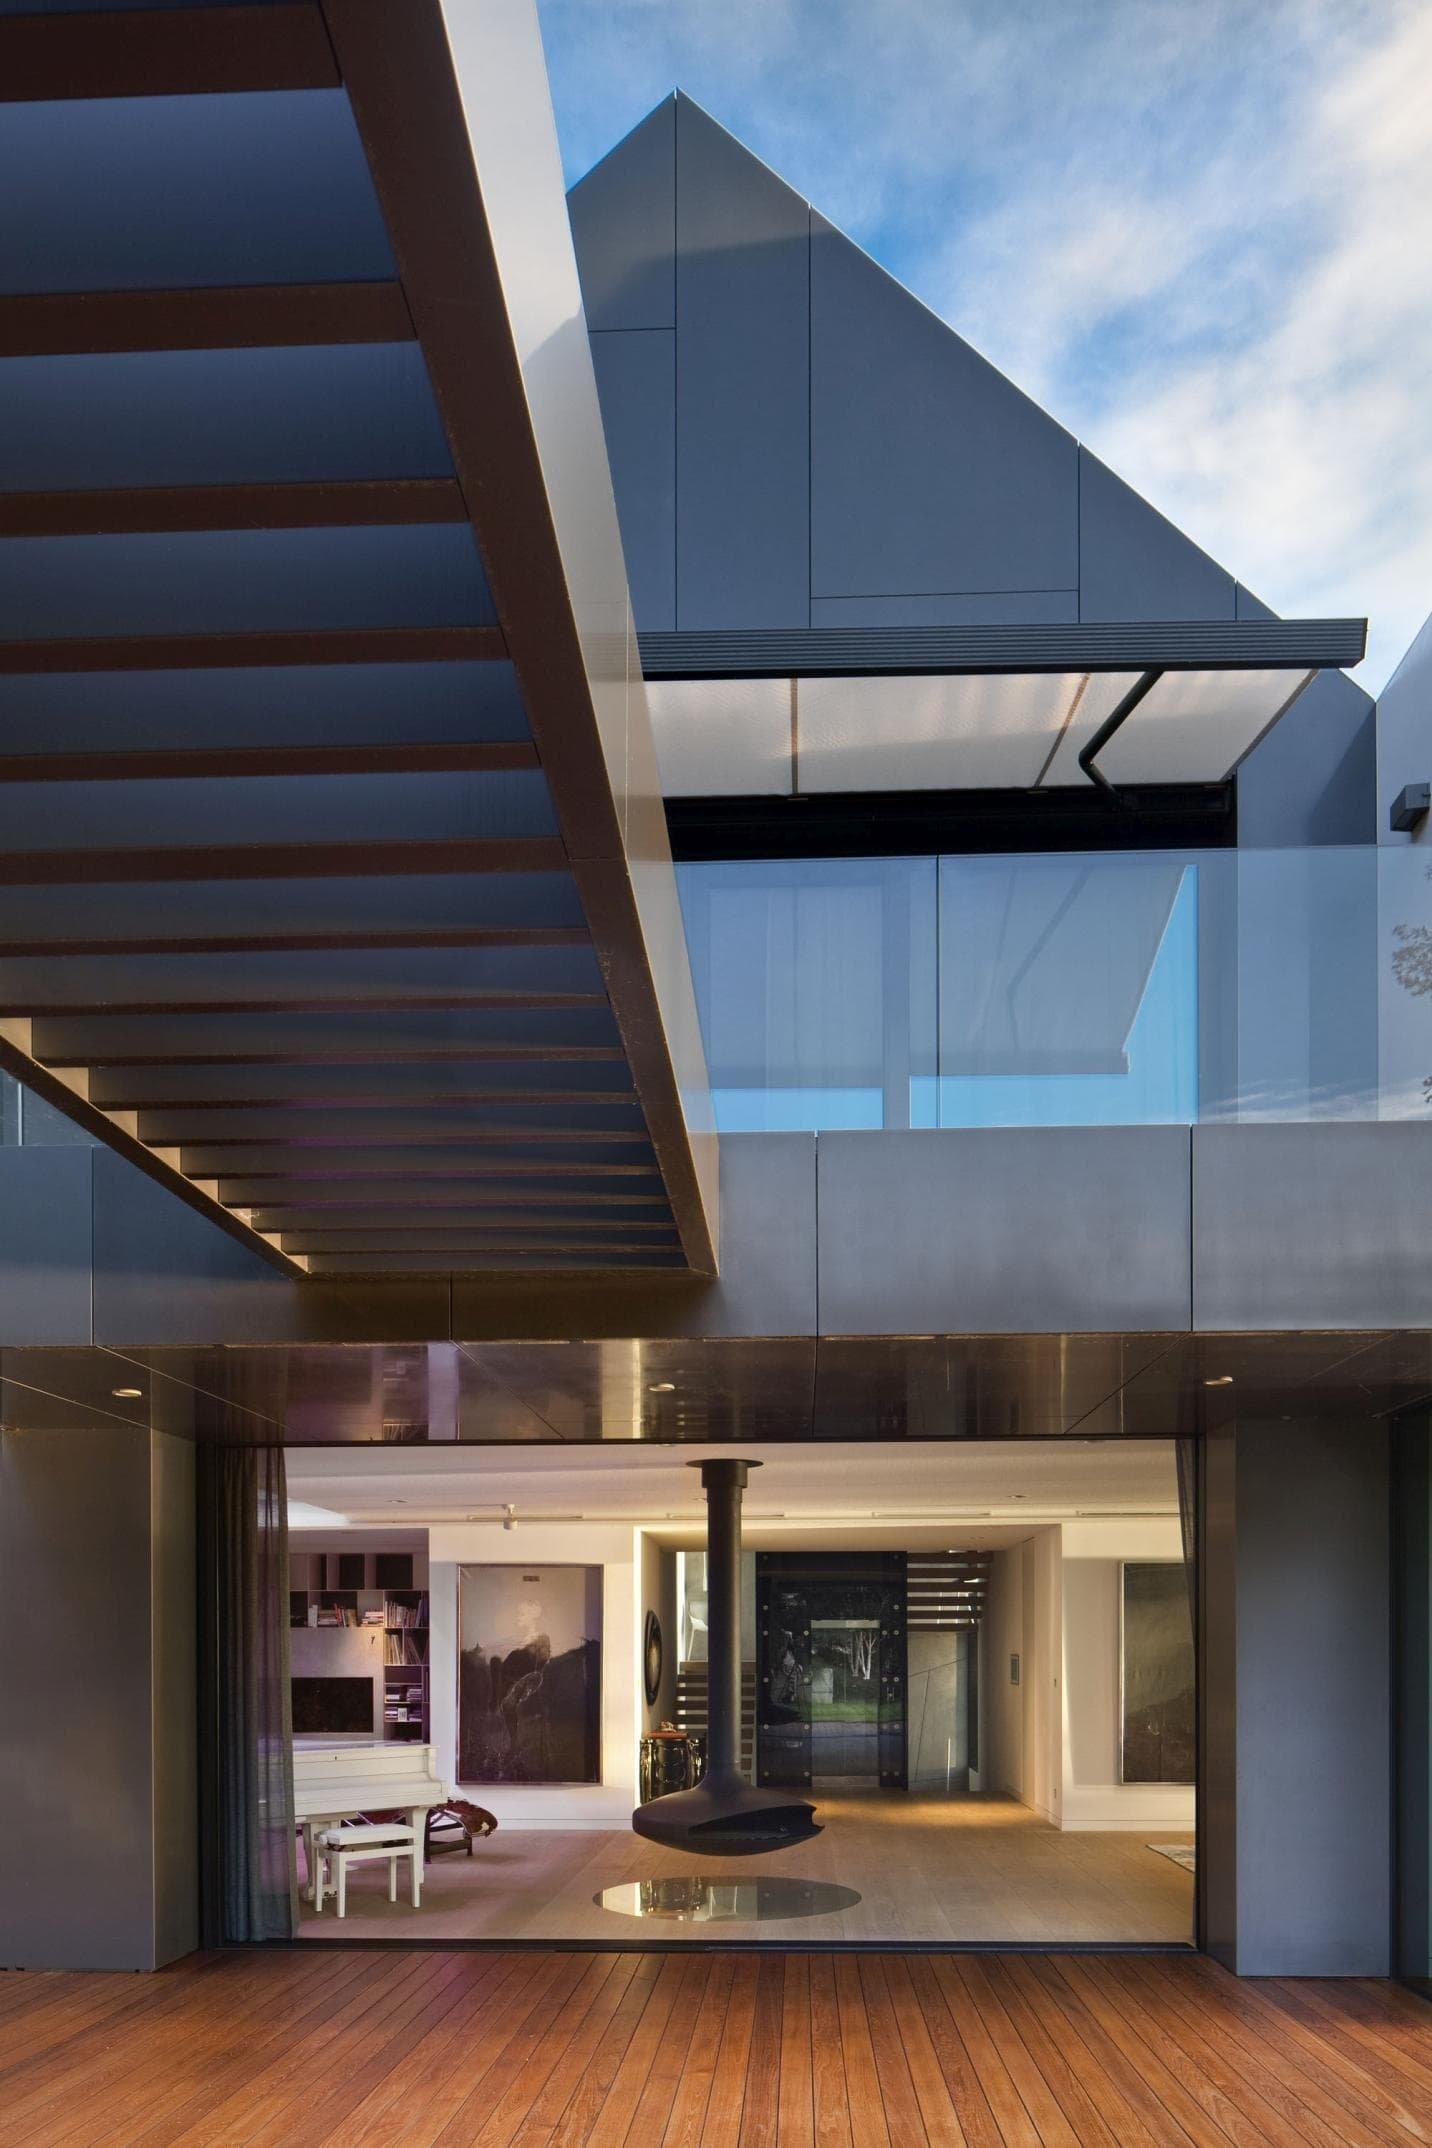 Mnoho architektů si láme hlavu nad tím, jak postavit takové bydlení, které ani po mnoha letech nevyjde z kurzu a stále bude moderní a nadčasové. To se podle nás povedlo architektům z architektonického studia Arch Deco, kteří na pozemku o velikosti 1253 metrů čtverečních postavili vilu, na kterou je radost pohledět.